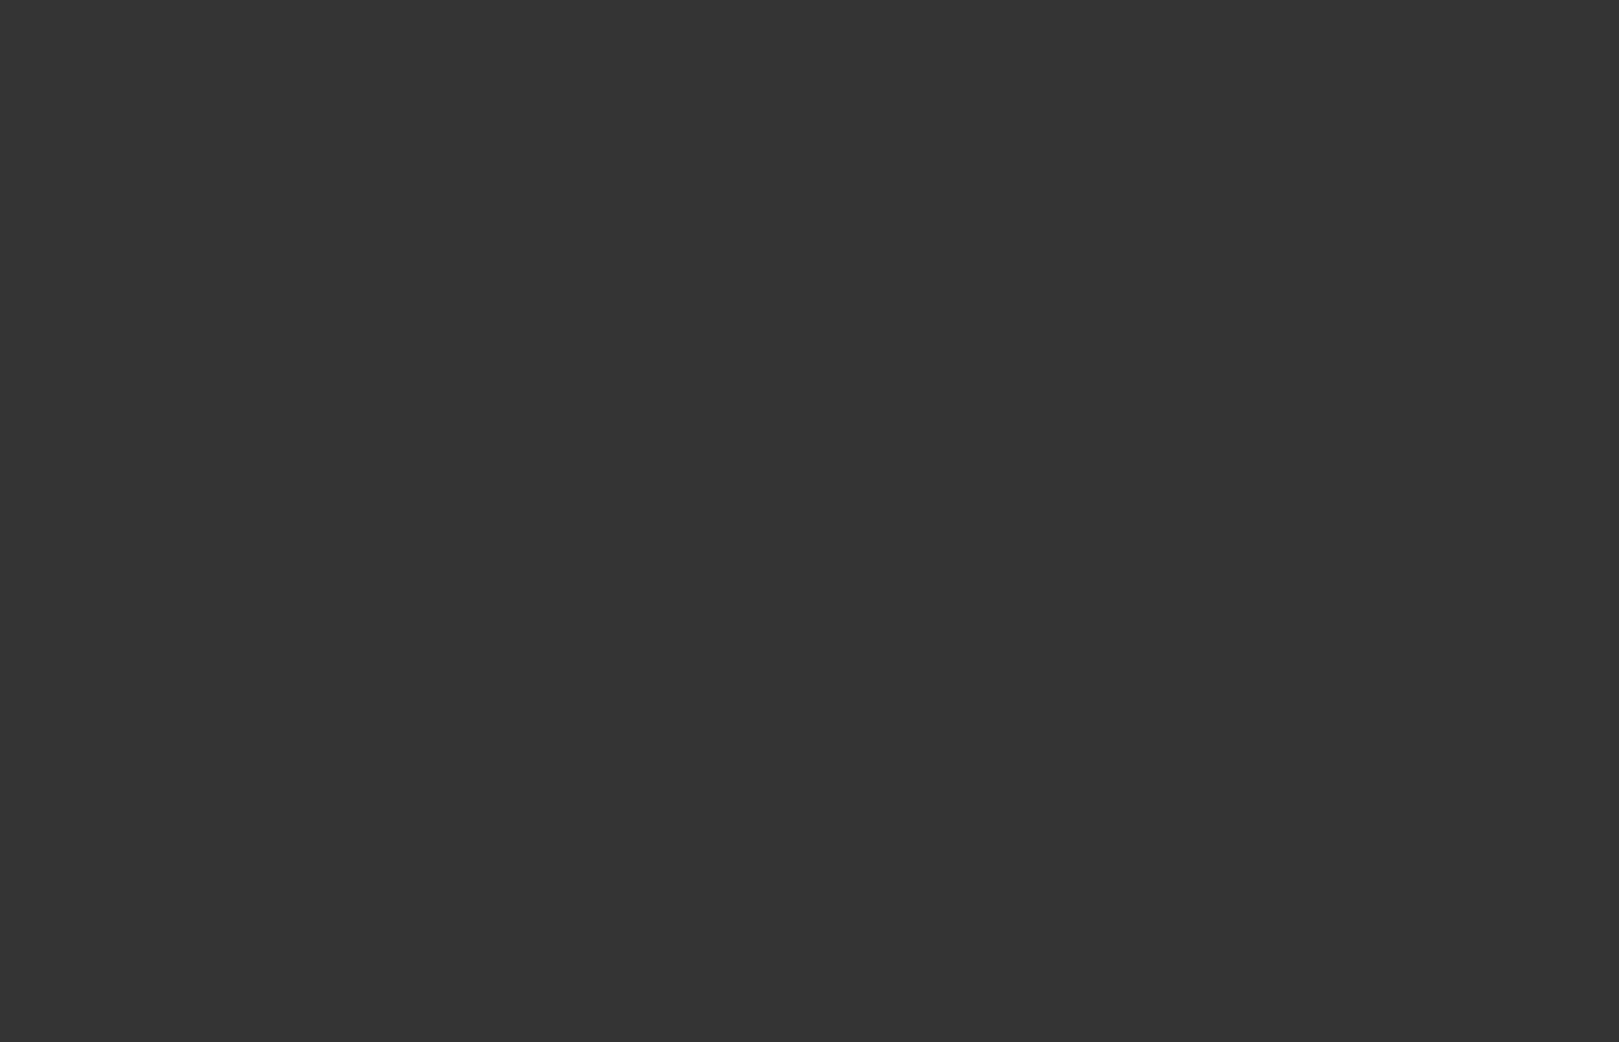 Zandee Groenprojecten logo